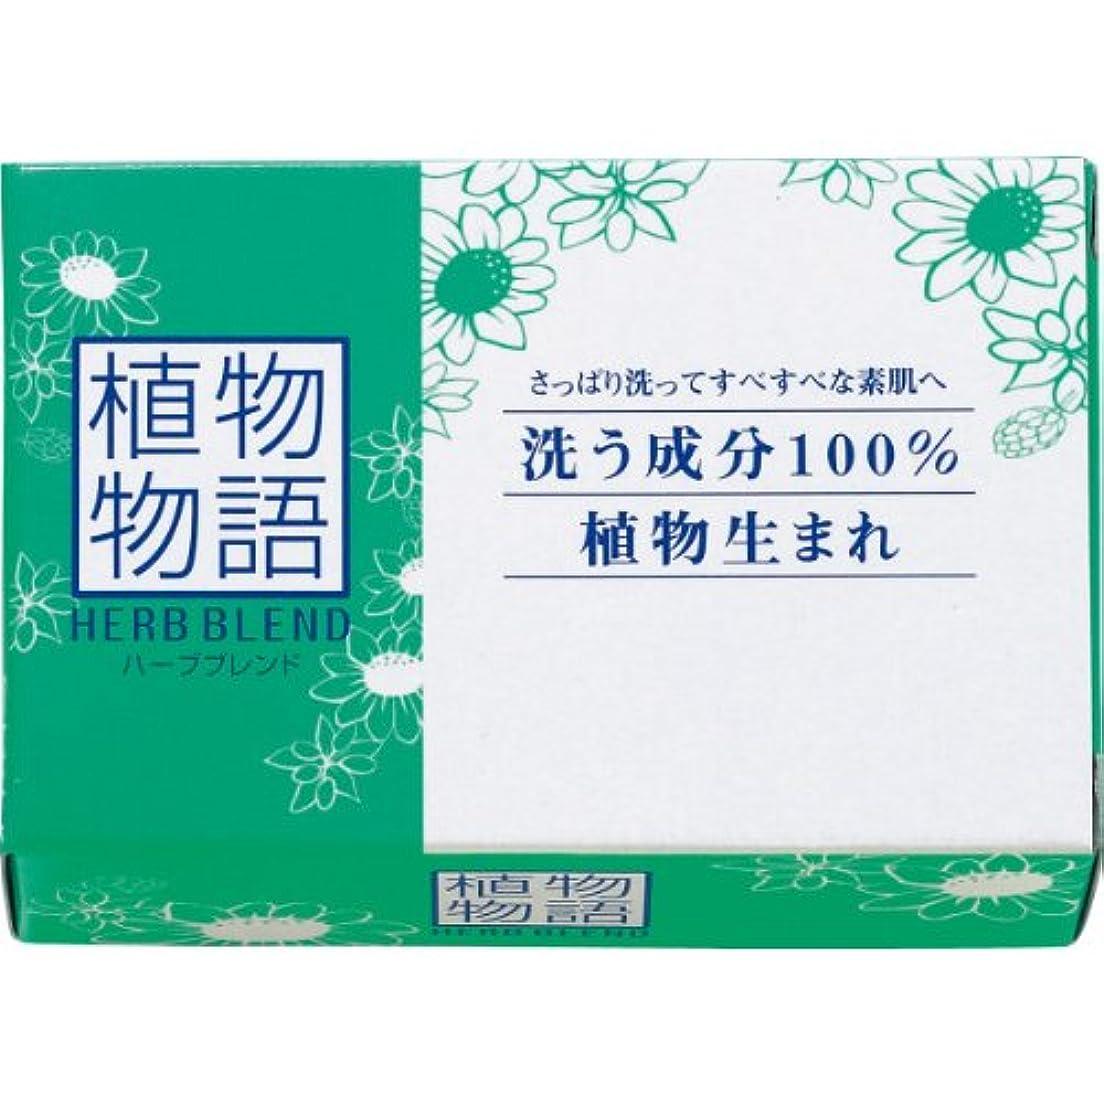 ミトンクラス看板【ライオン】植物物語ハーブブレンド 化粧石鹸 80g